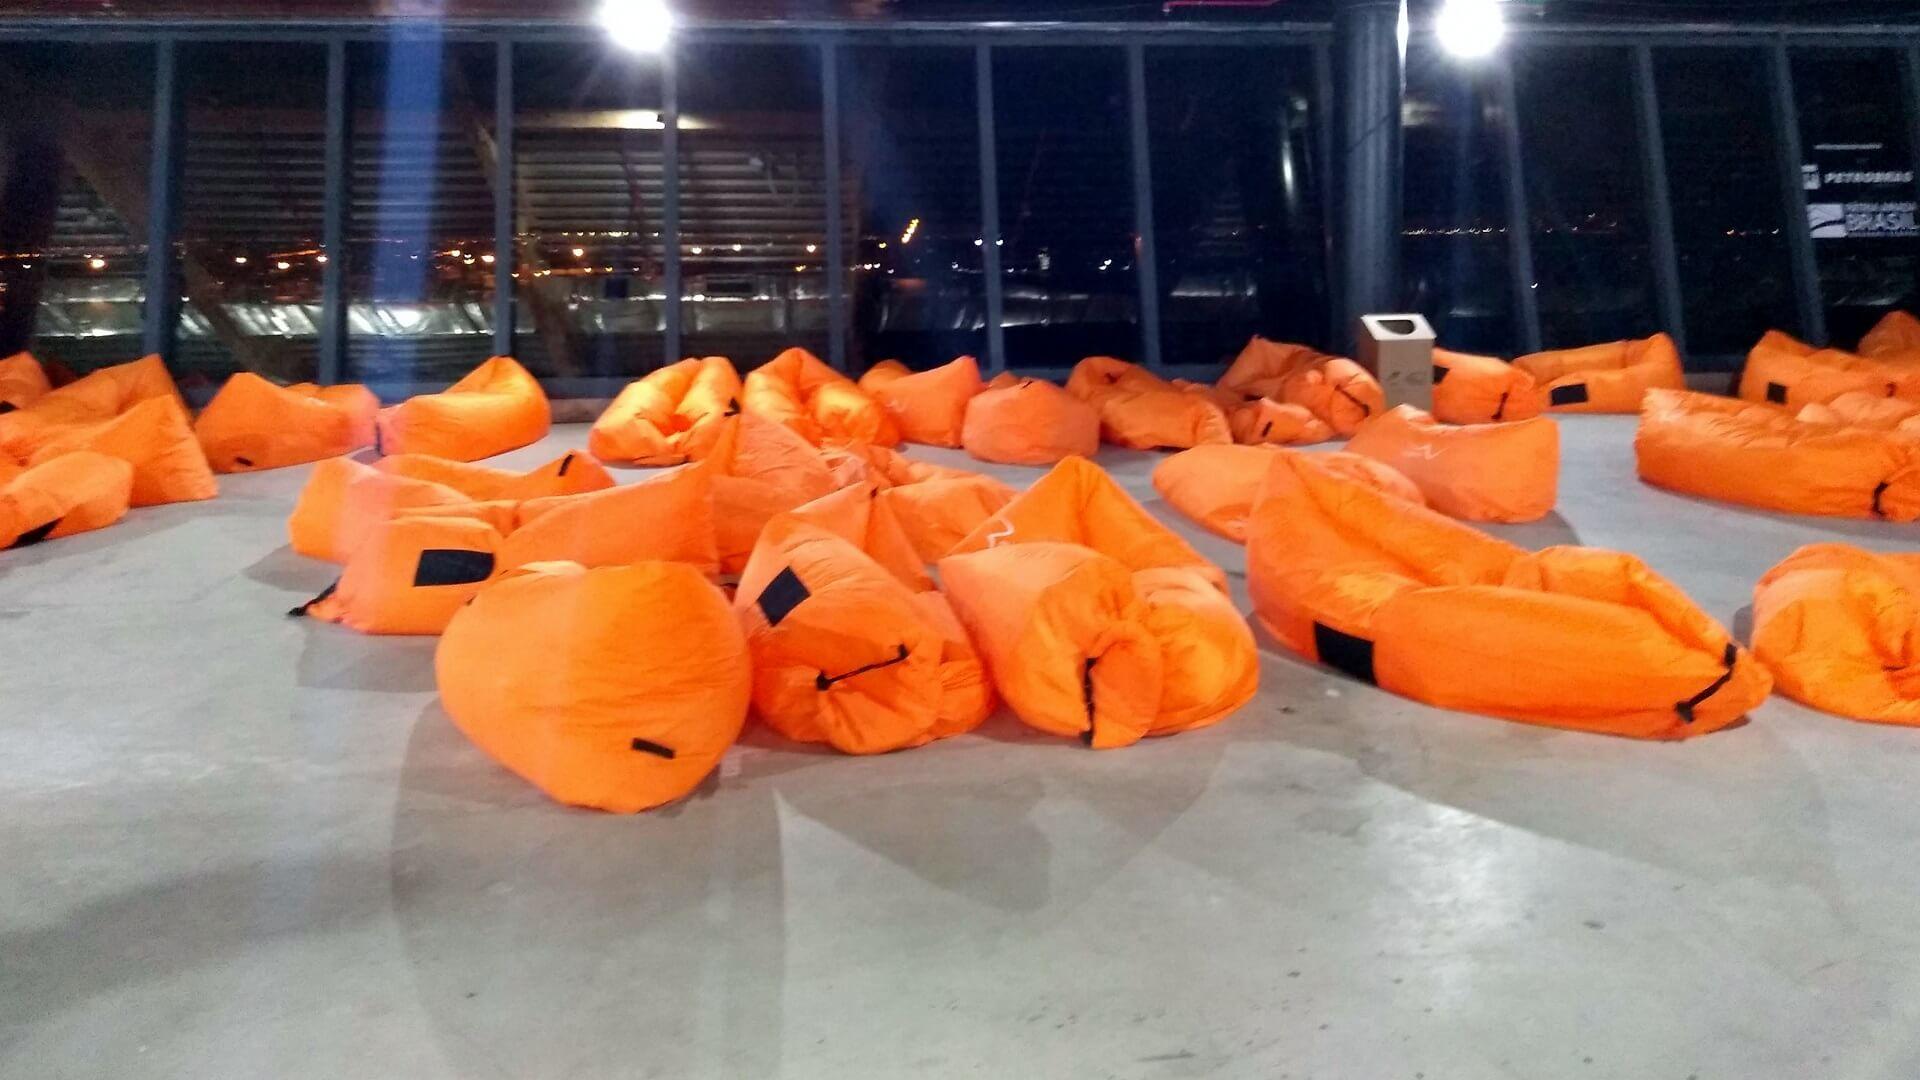 A organização do Hacking Rio 2019 disponibilizou colchões infláveis para descanso e recuperação de energia dos hackers.